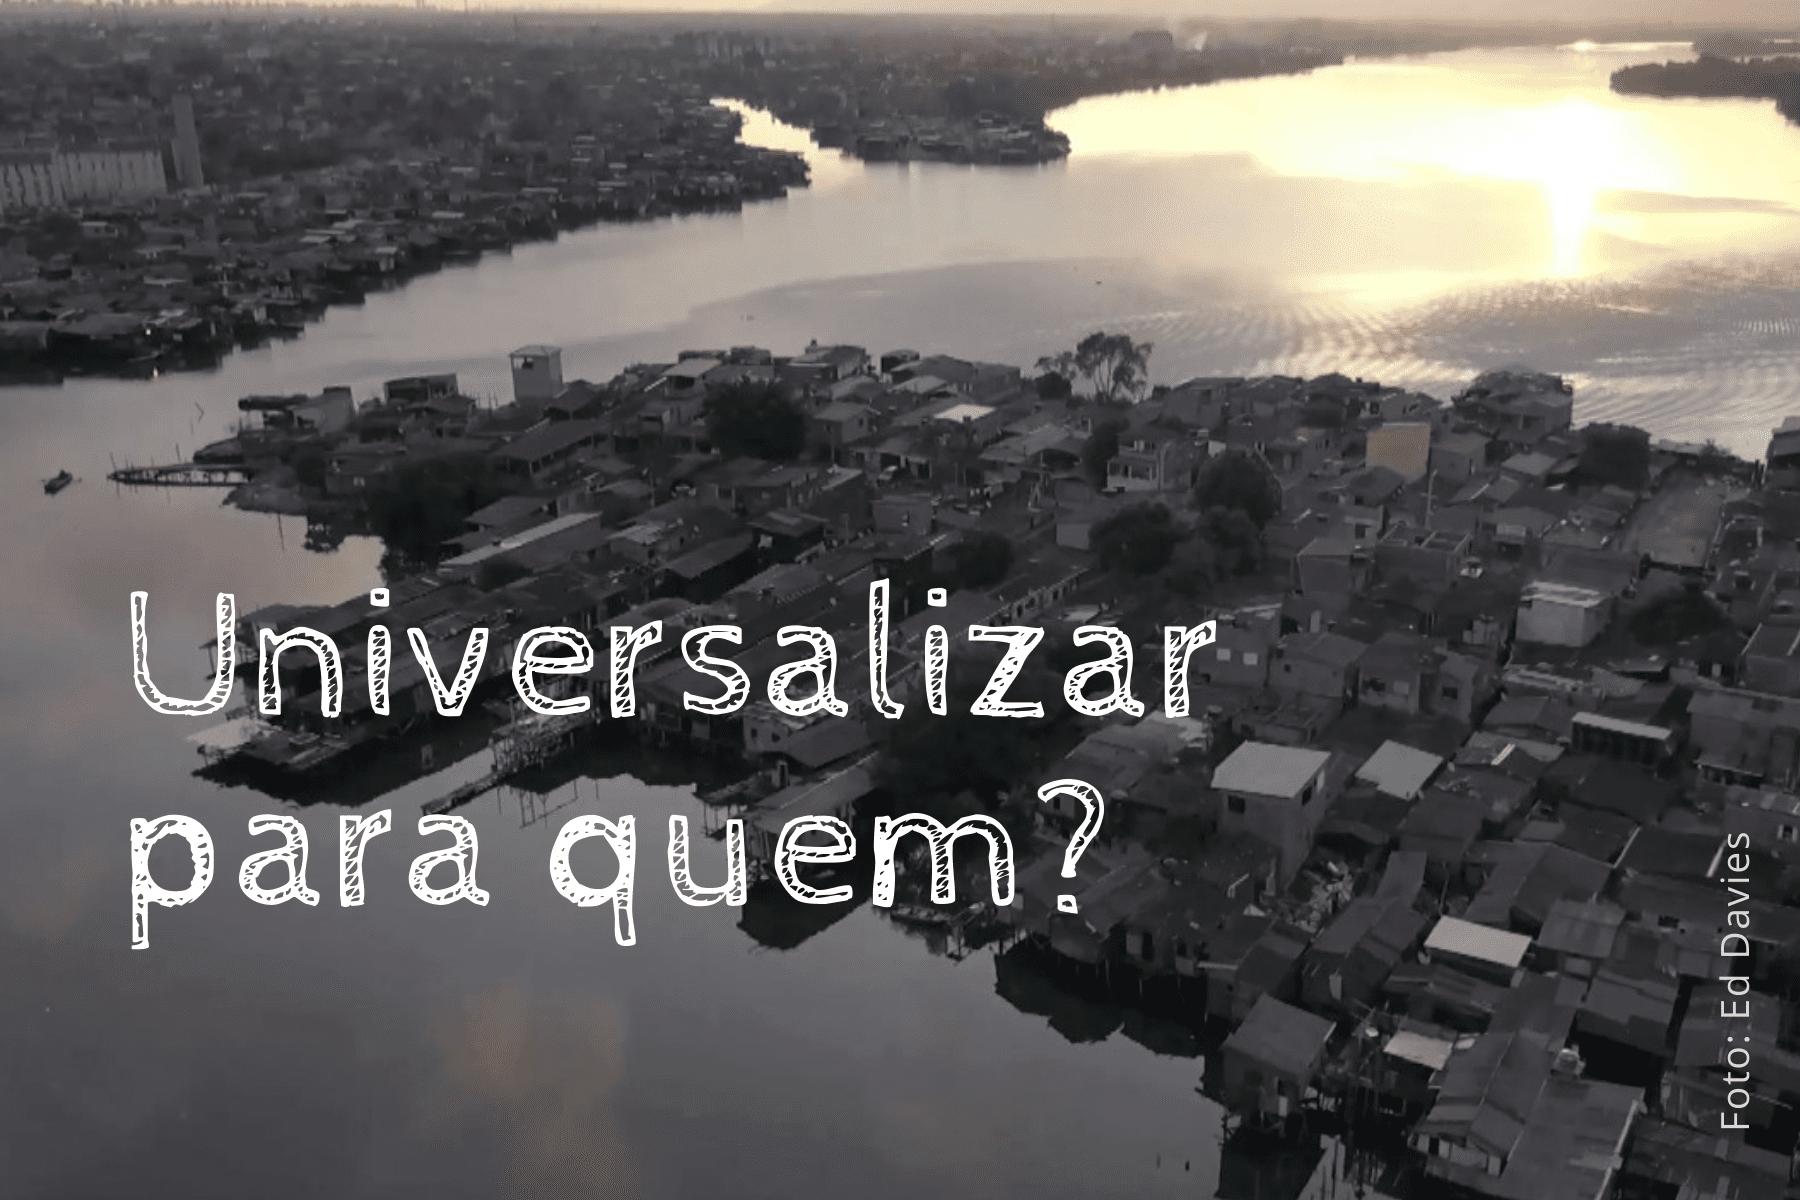 Universalizar para quem?